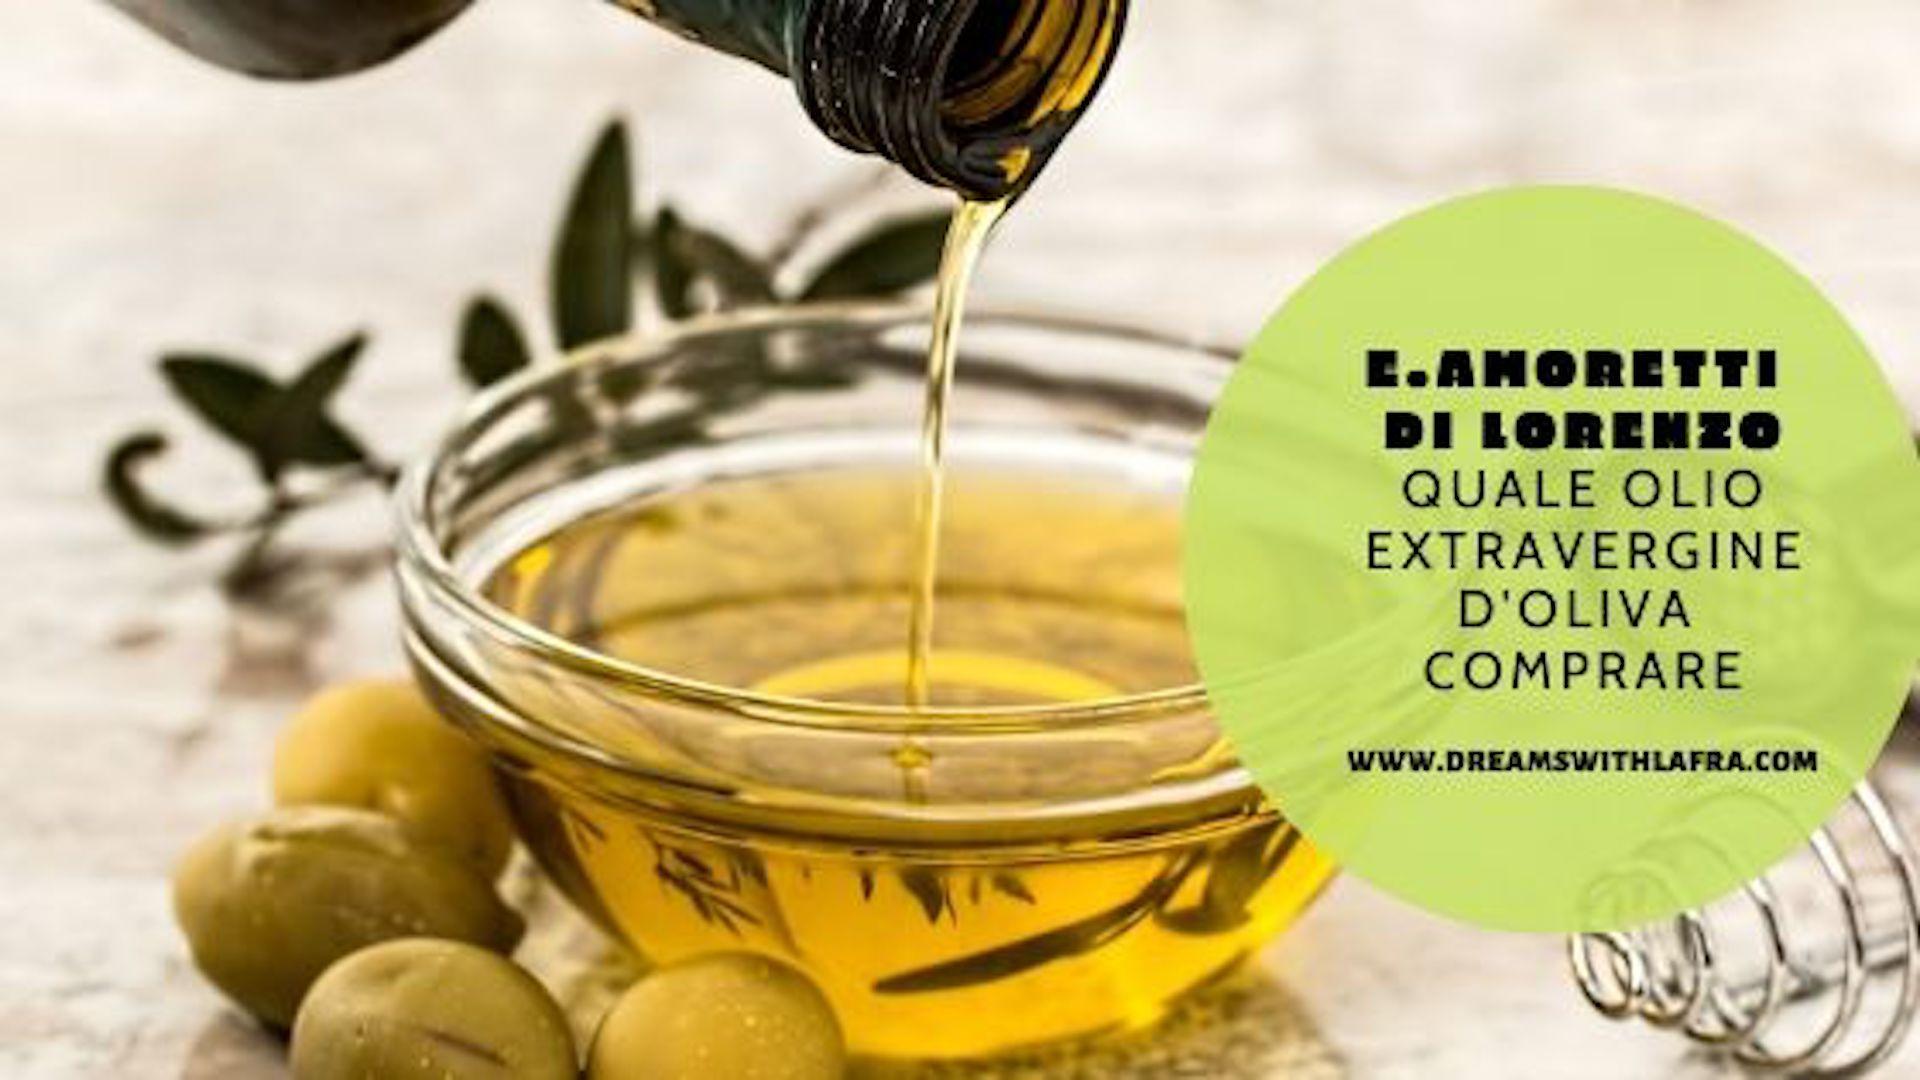 Amoretti quale olio extravergine d'oliva comprare